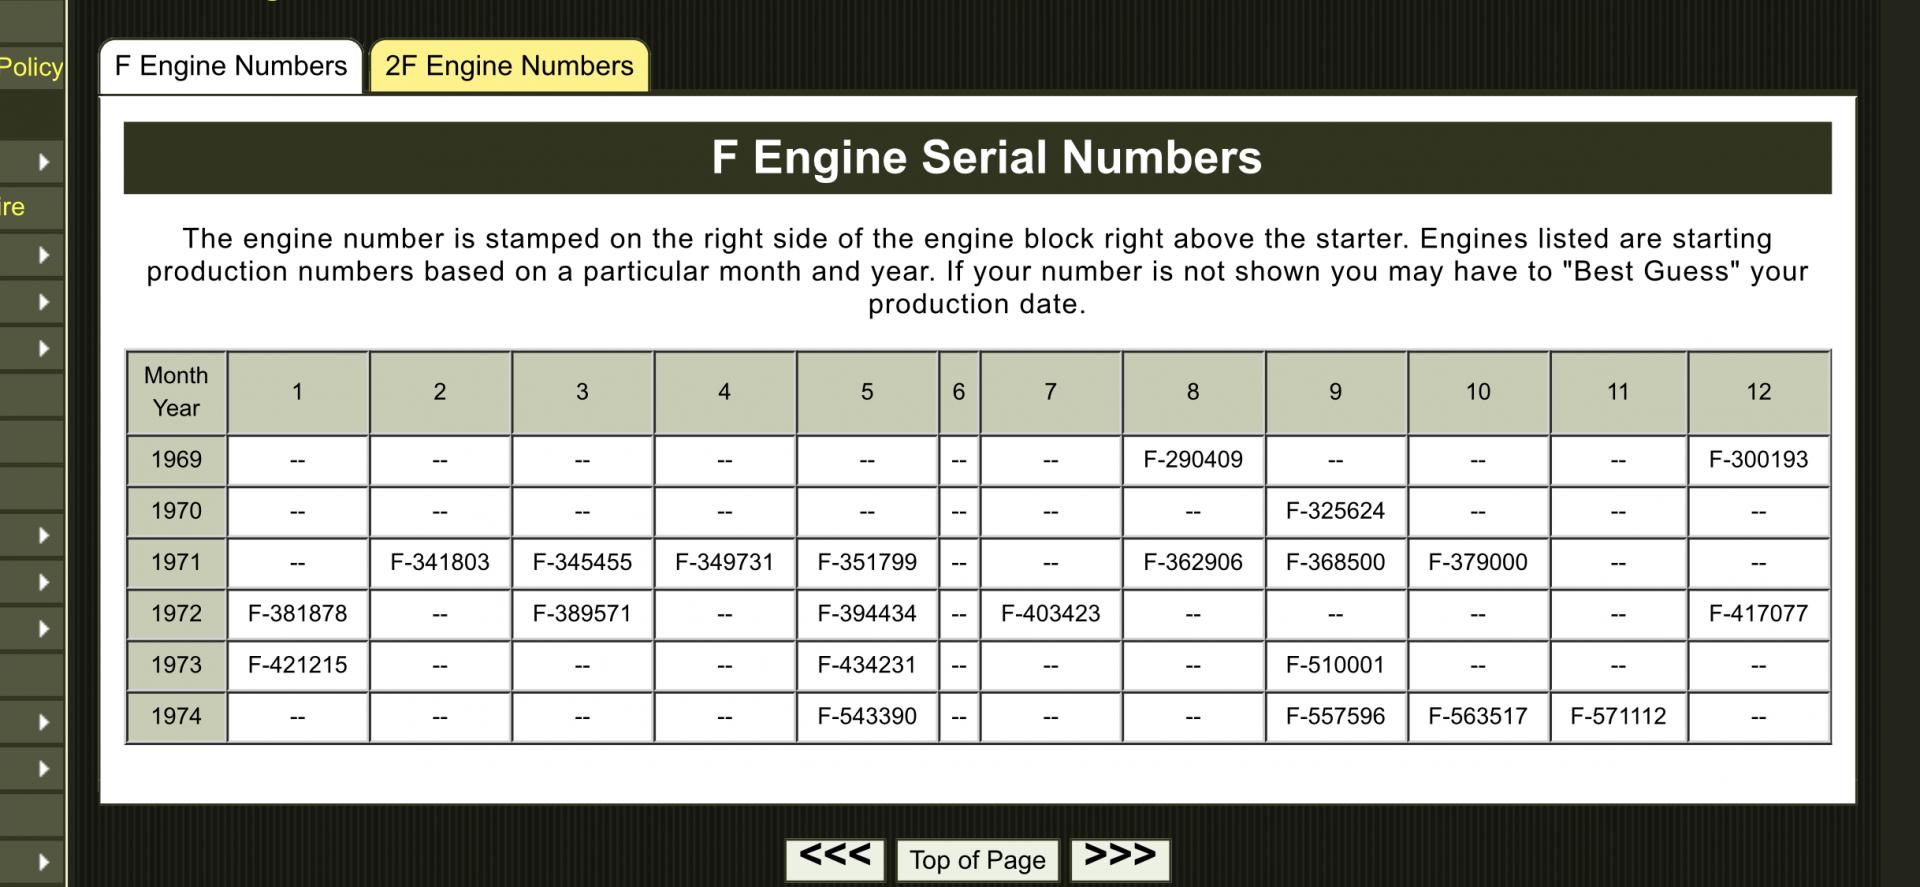 D75E6D0A-4A2F-4815-89B0-823AA7C6798B.png